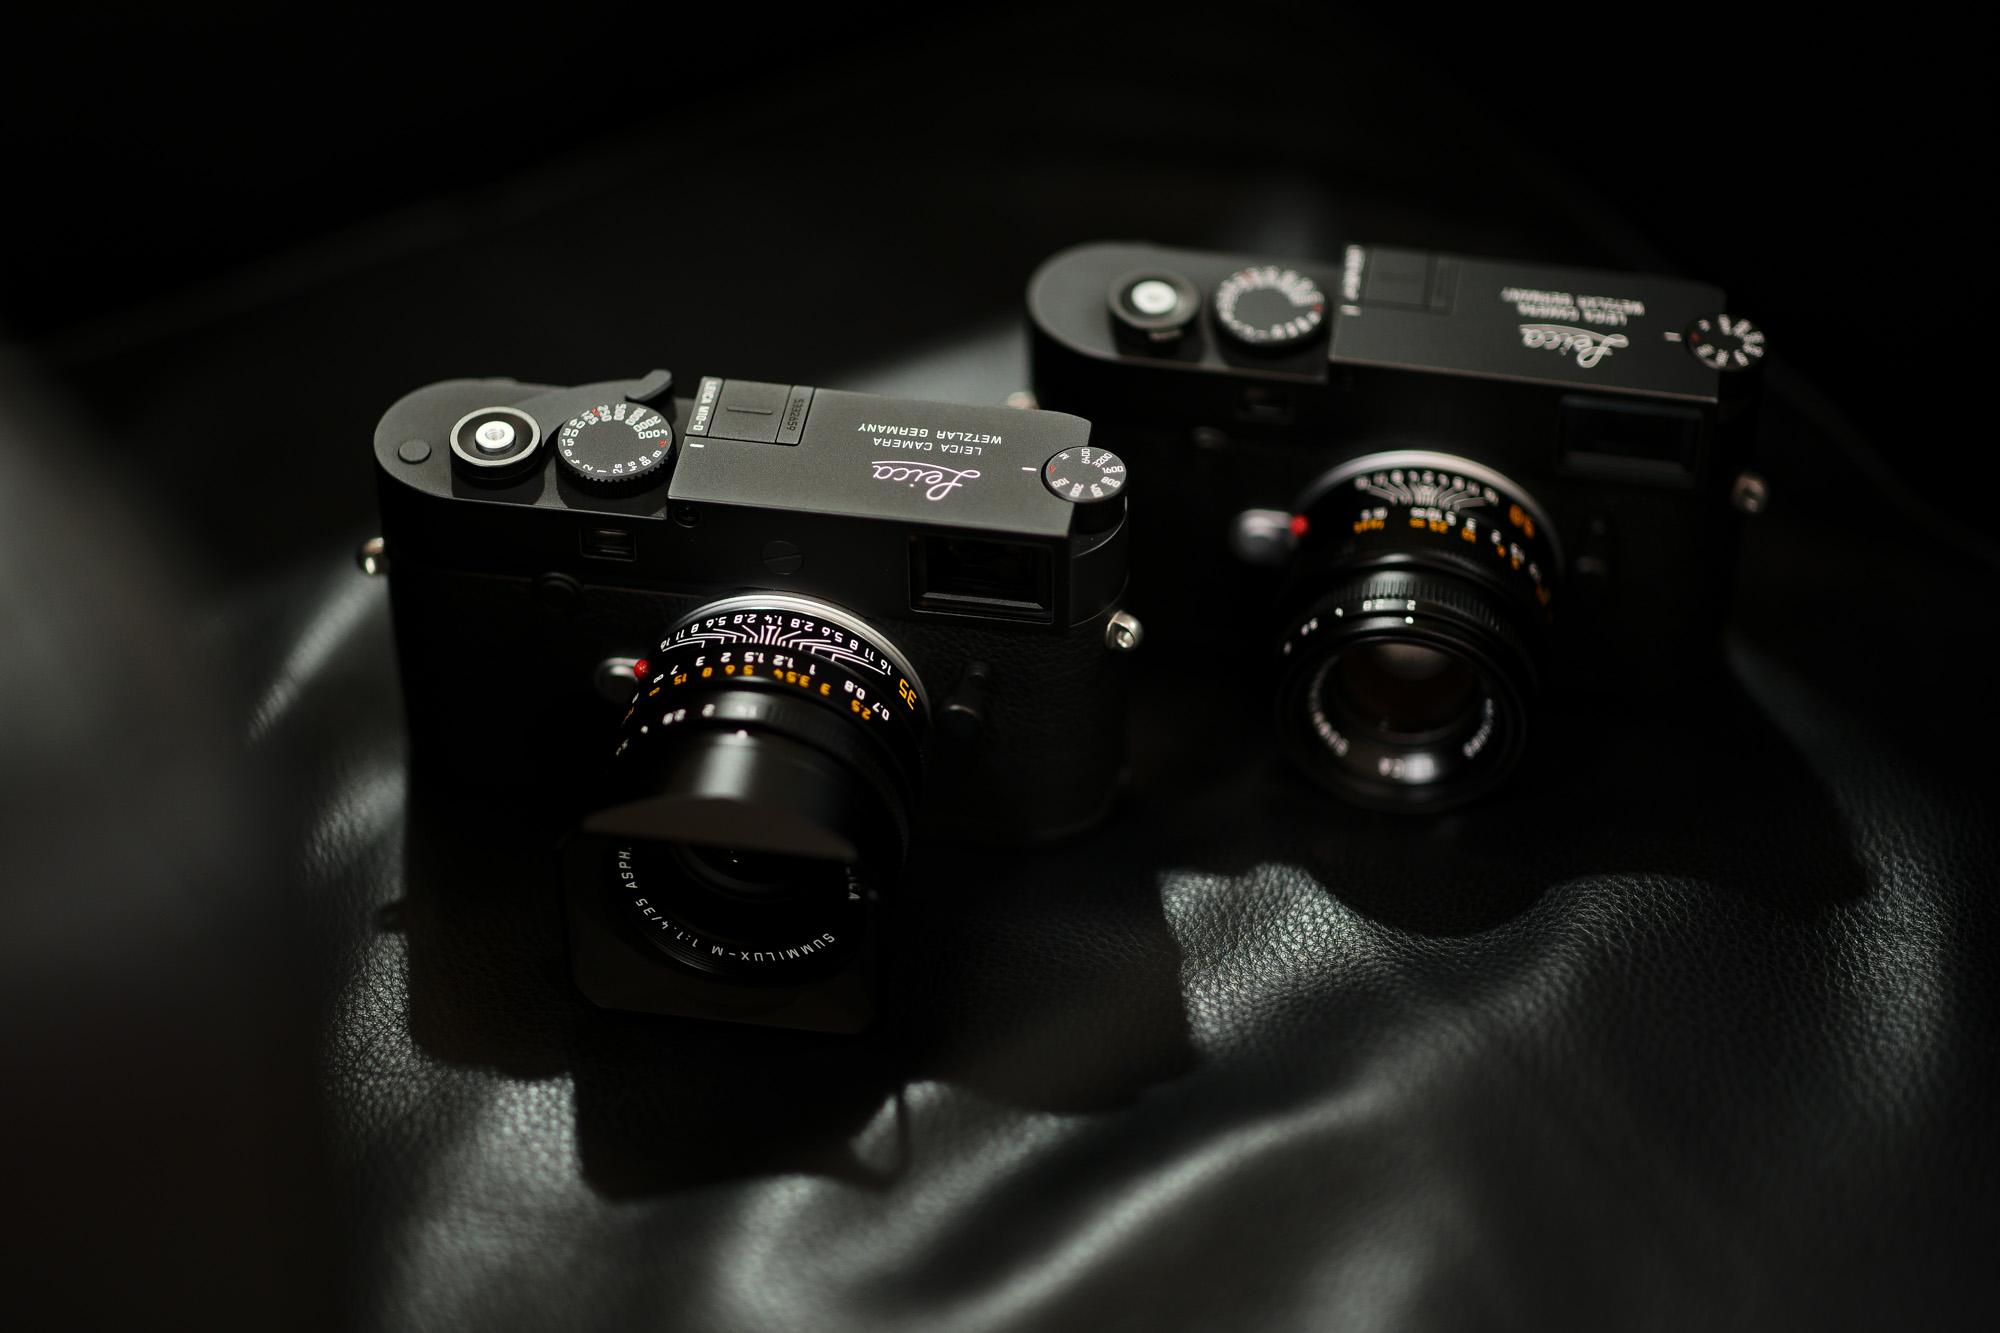 LEICA M10-D 愛知 名古屋 alto e diritto アルトエデリット ライカ leicam10 ライカm10 ノクティルックス ズミルックス ズミクロン フィルムカメラ